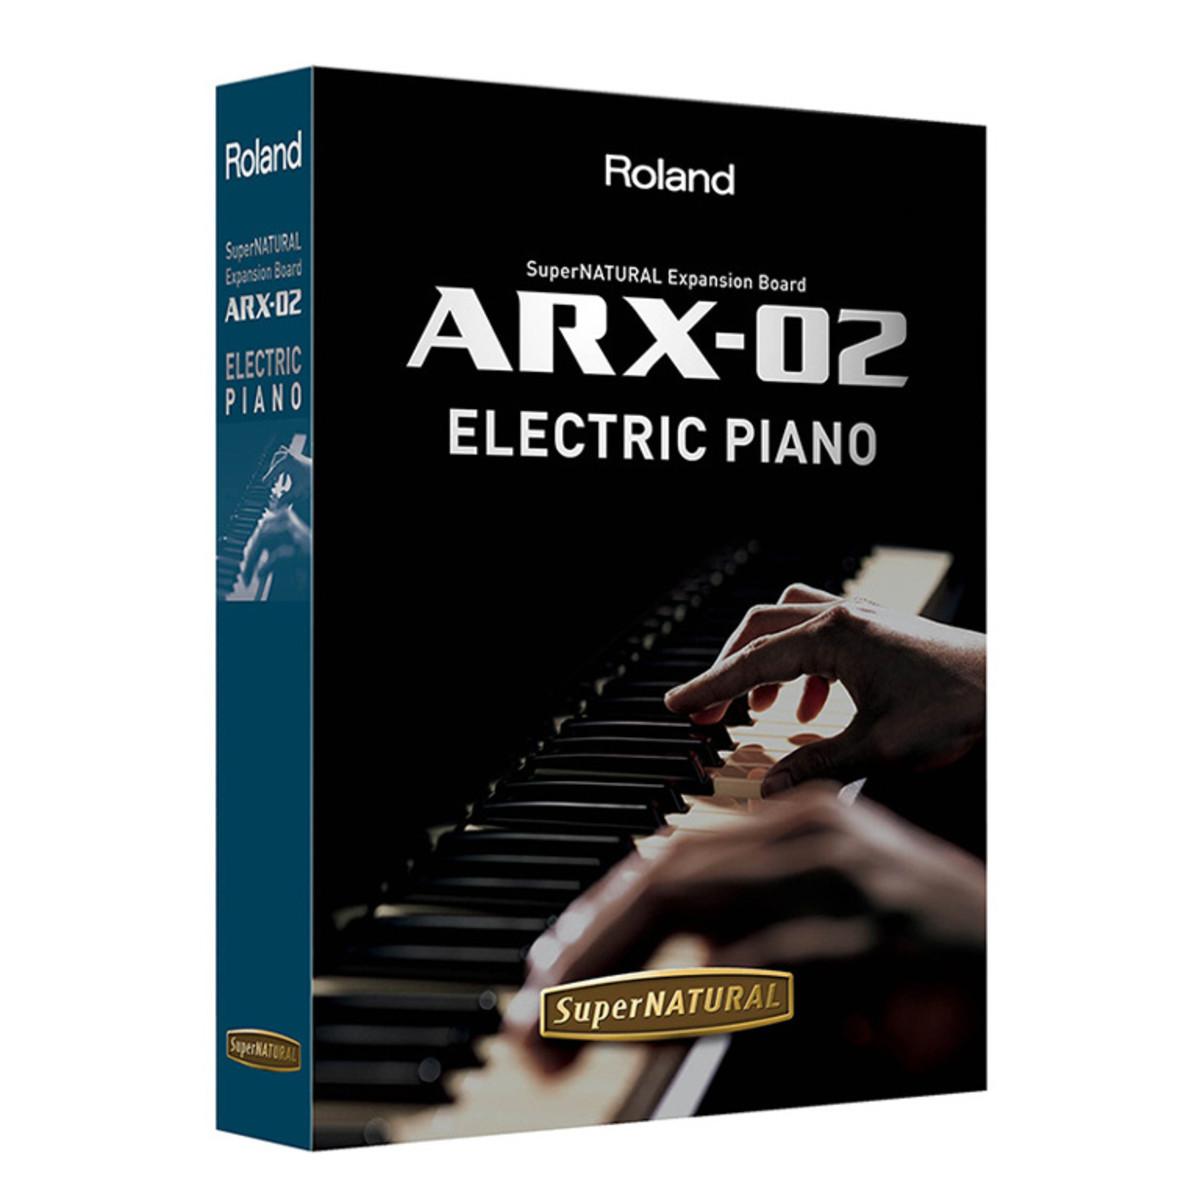 Roland Arx 02 Electric Piano Exp Board